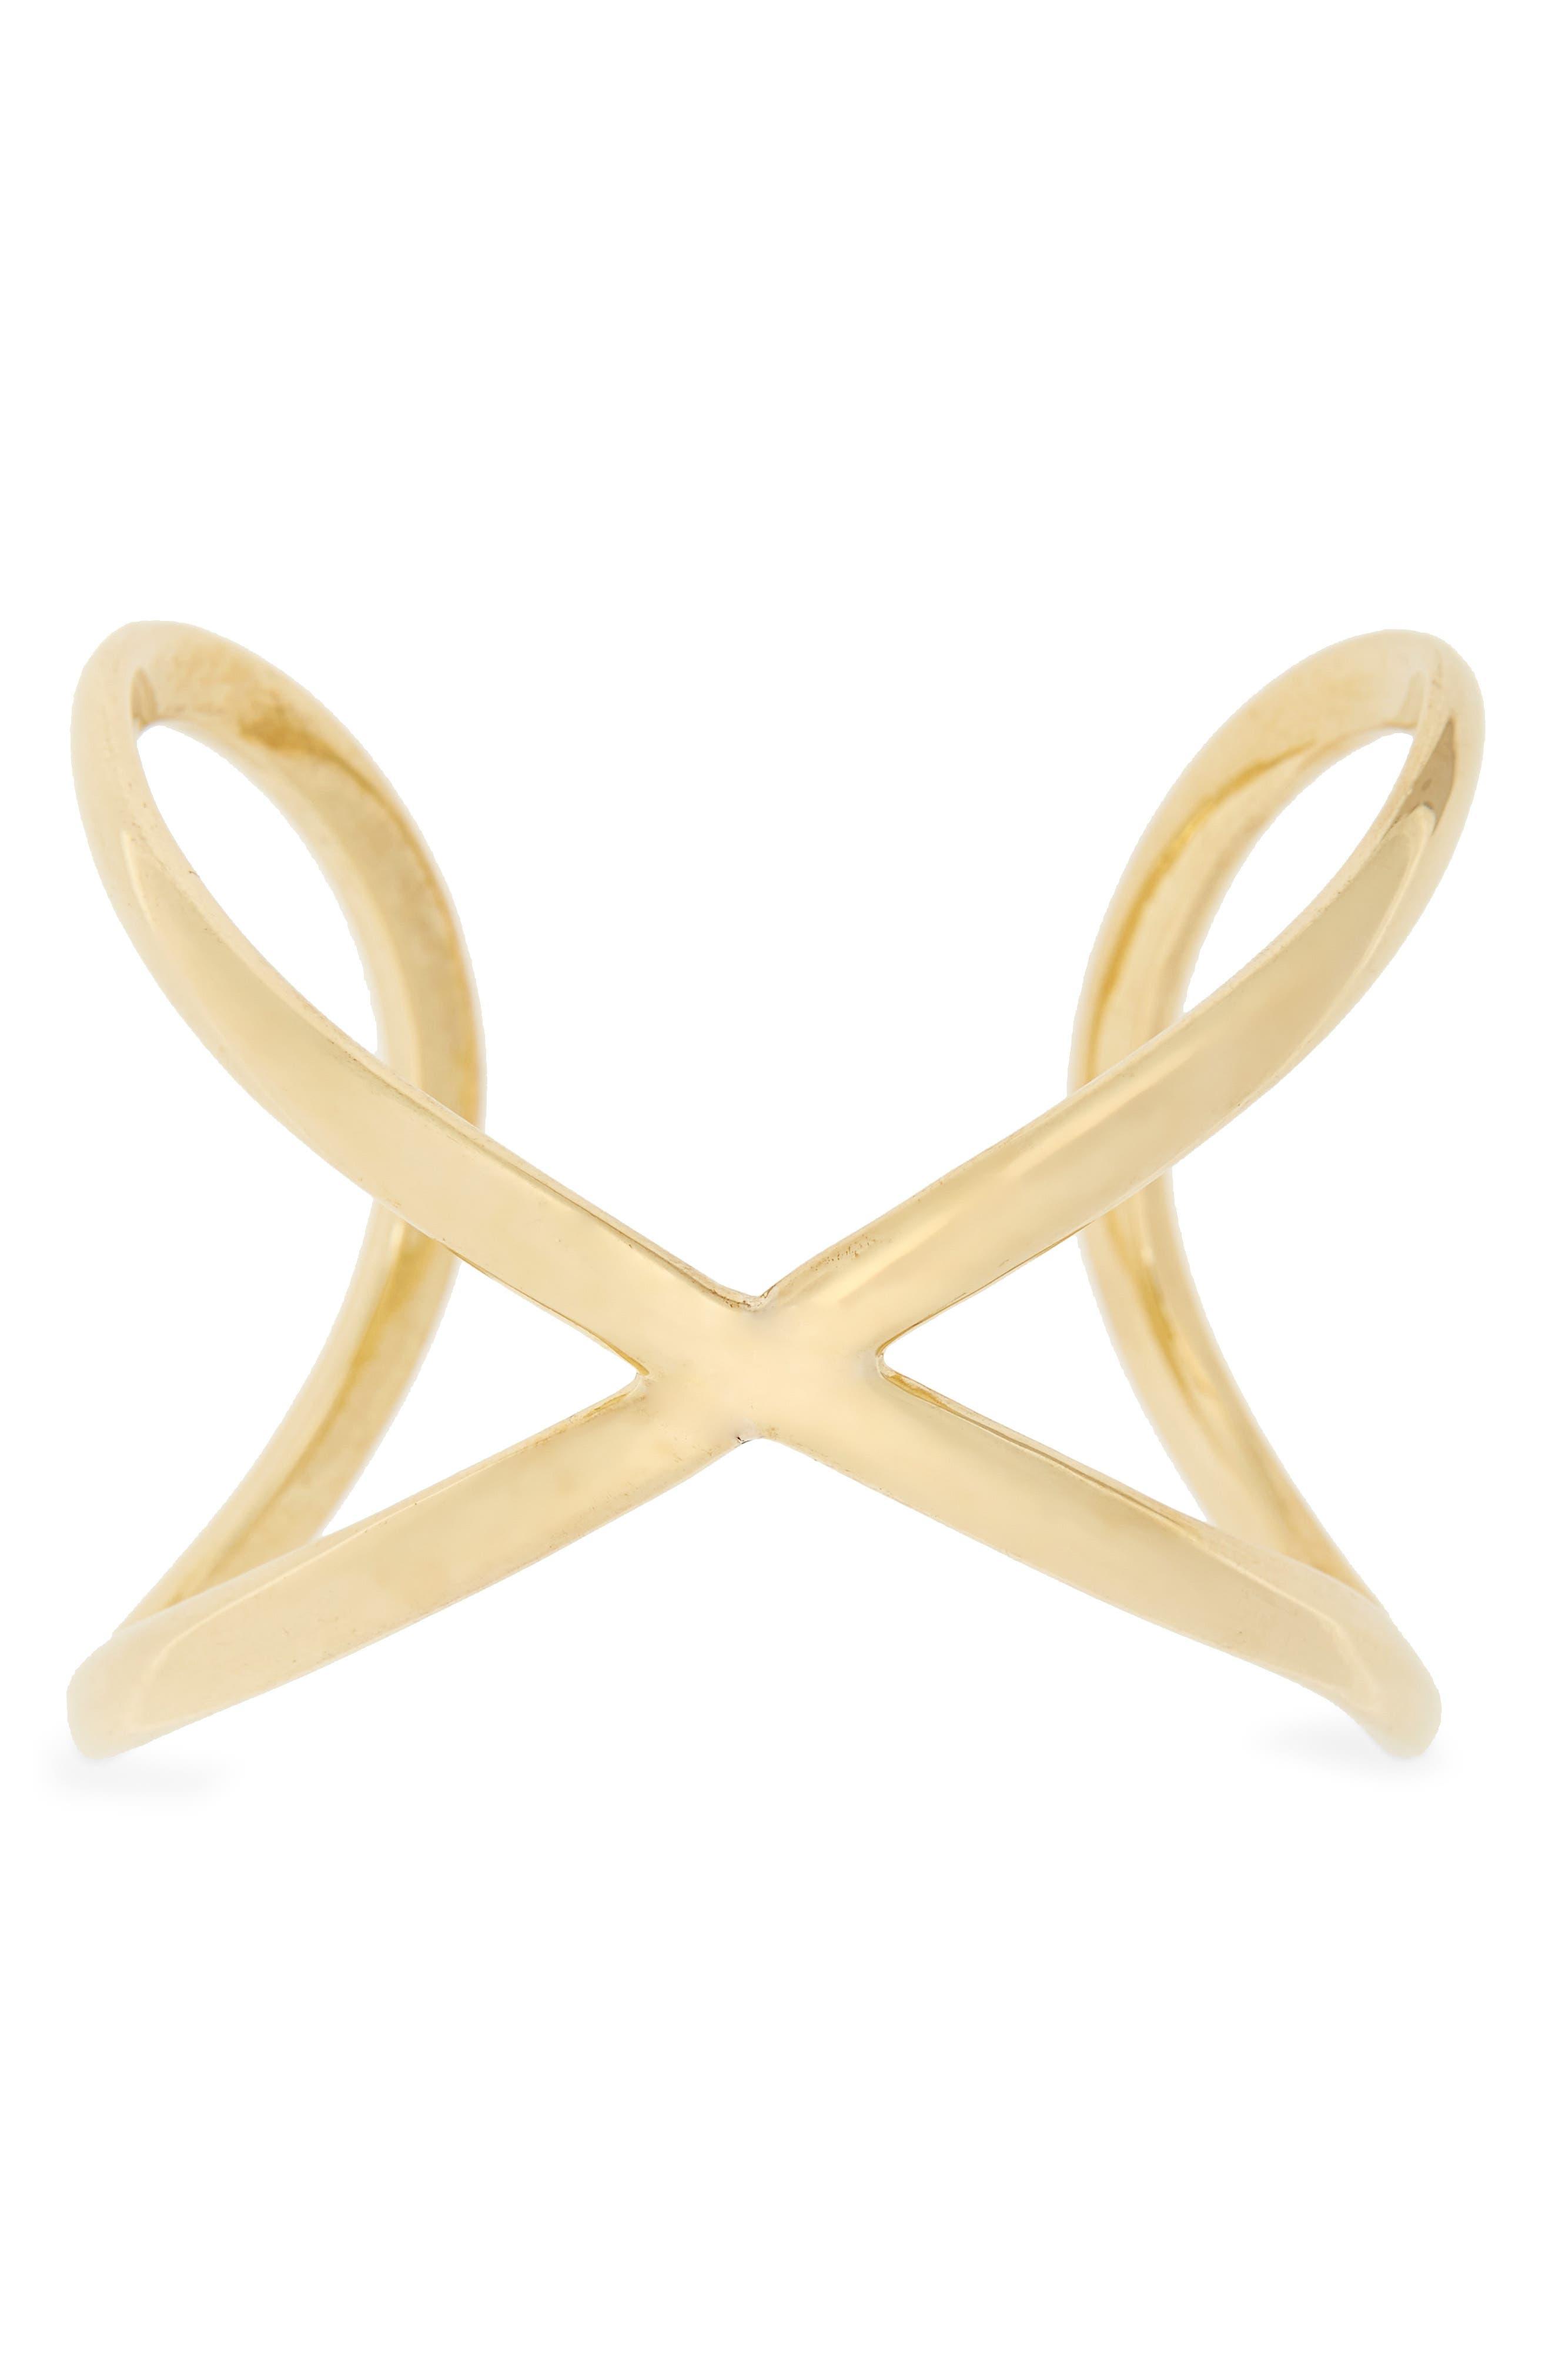 Main Image - SOKO Infinity Cuff